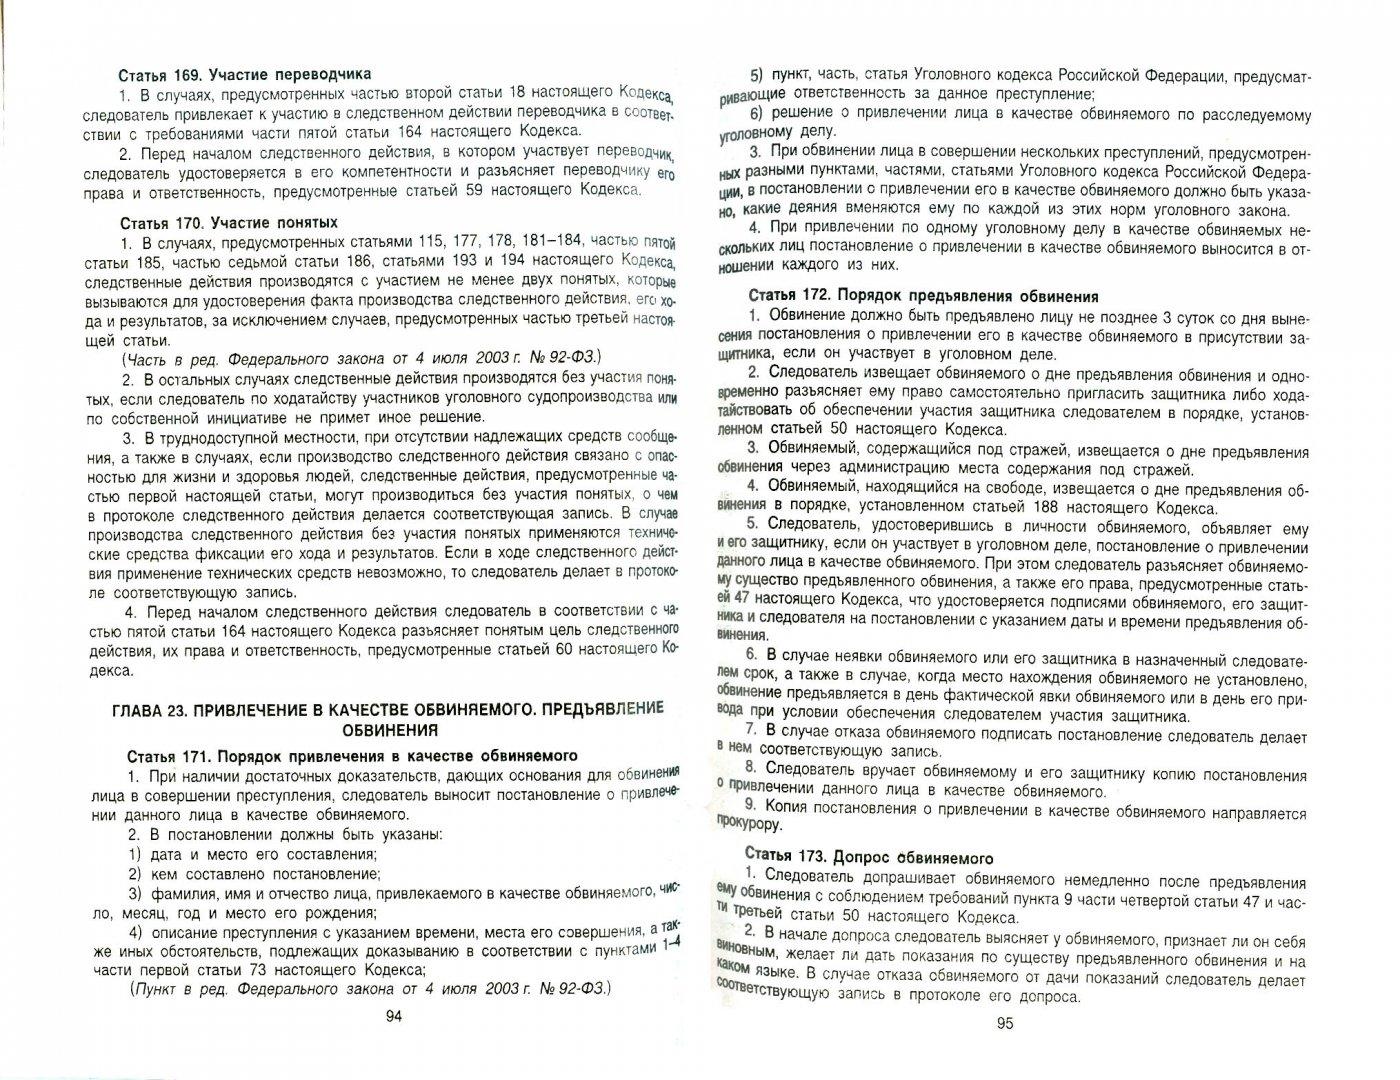 Иллюстрация 1 из 2 для Уголовно-процессуальный кодекс Российской Федерации по состоянию на 15.02.09 г.   Лабиринт - книги. Источник: Лабиринт